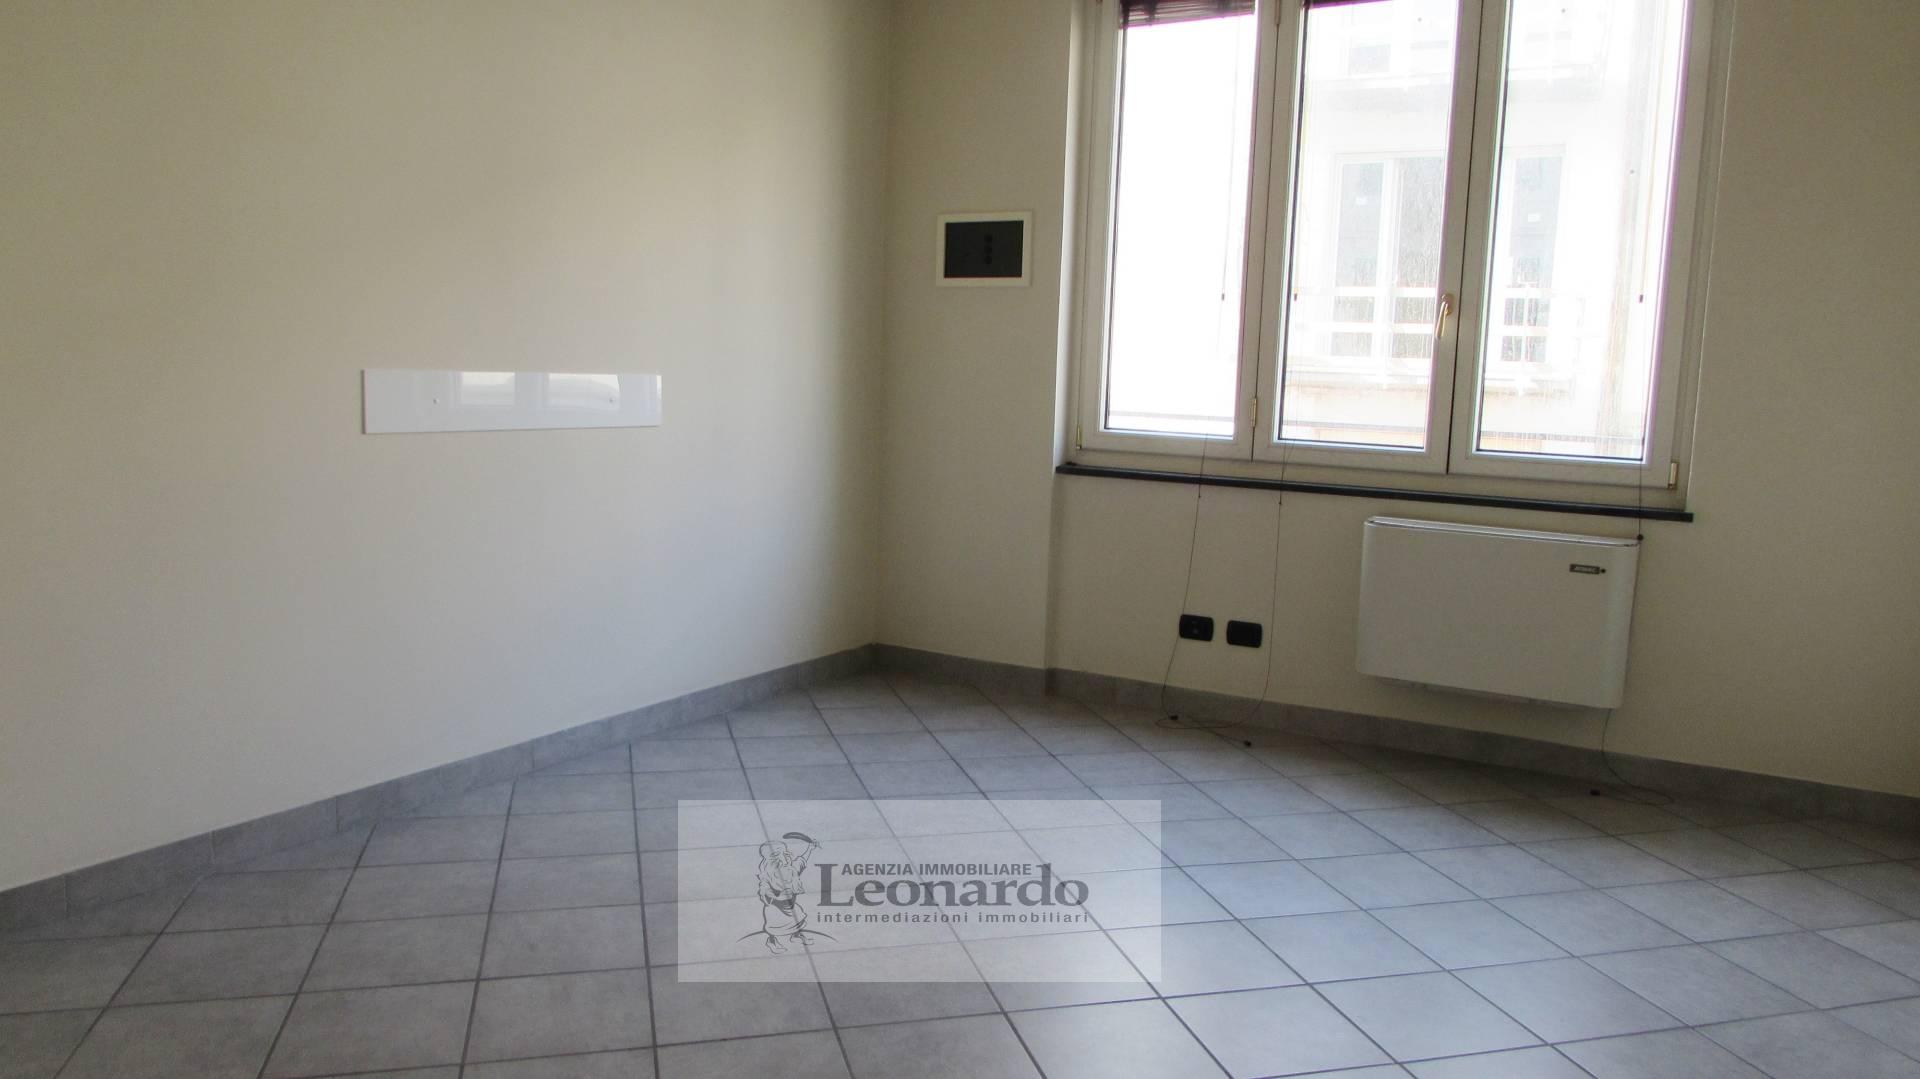 Ufficio / Studio in vendita a Viareggio, 4 locali, zona Località: Centro, prezzo € 155.000   Cambio Casa.it